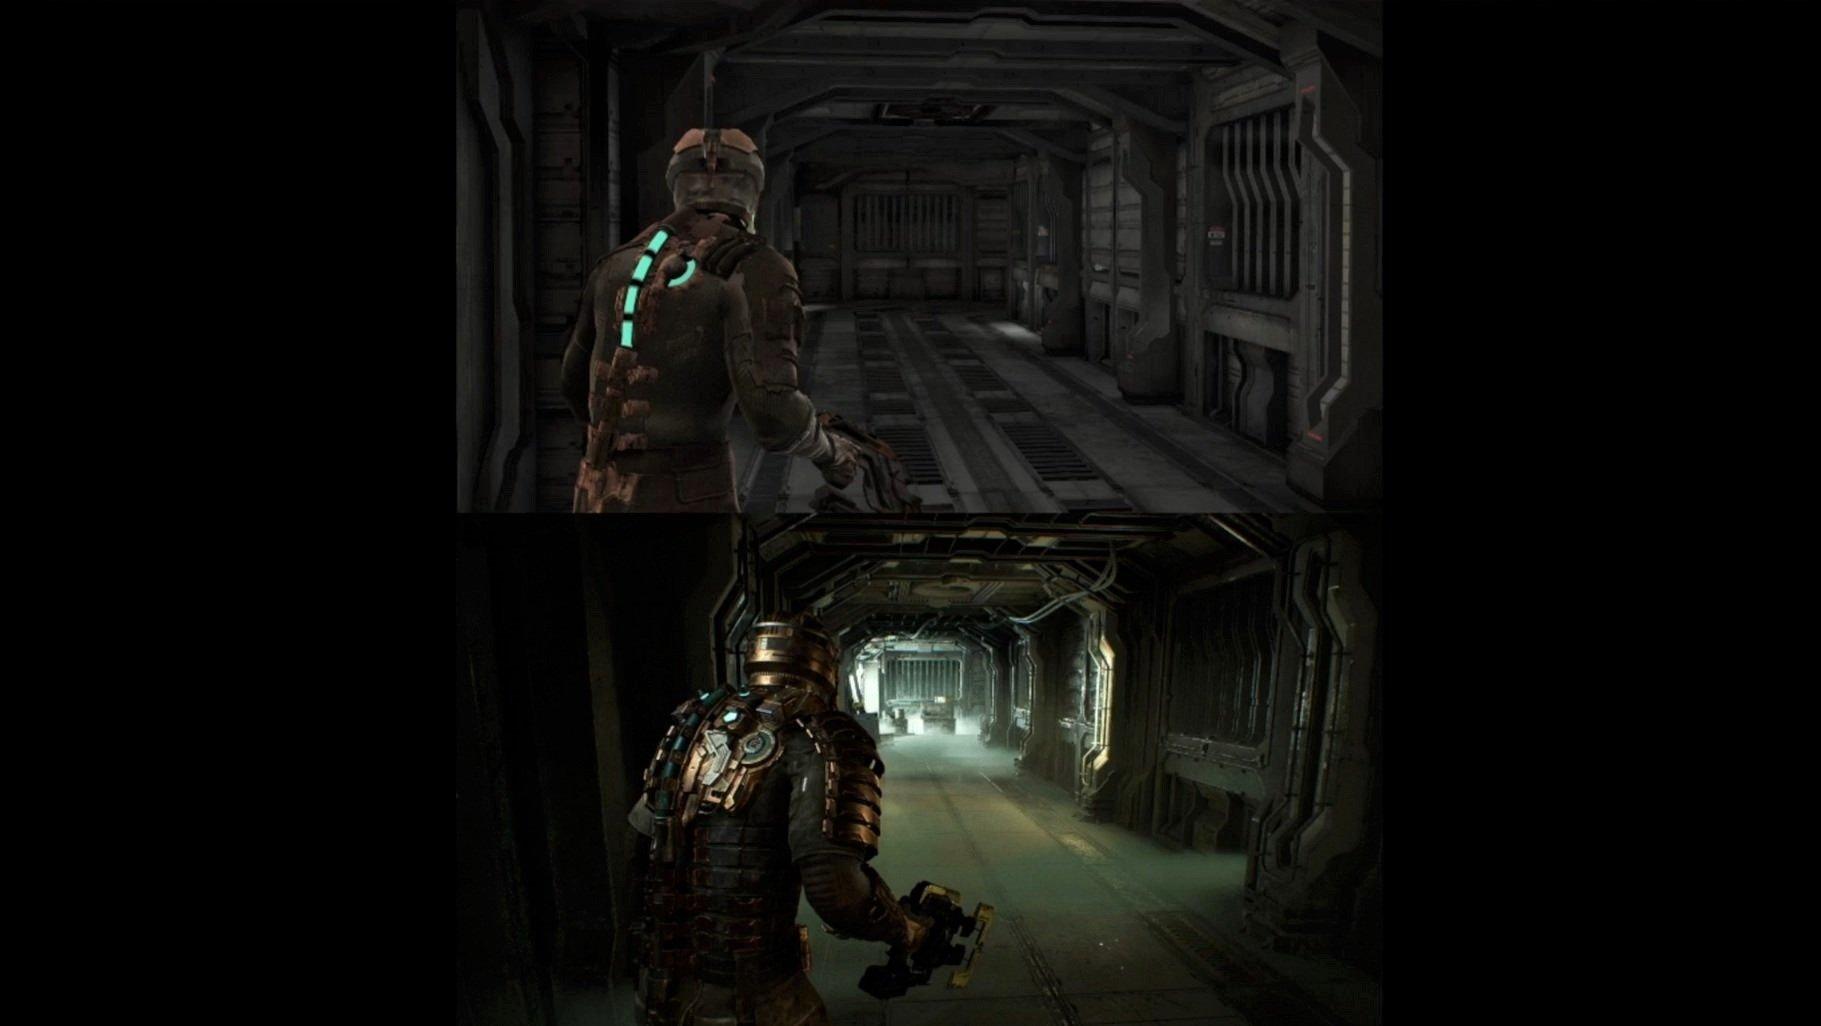 Сверху оригинальная игра, снизу – ремейк /скриншот